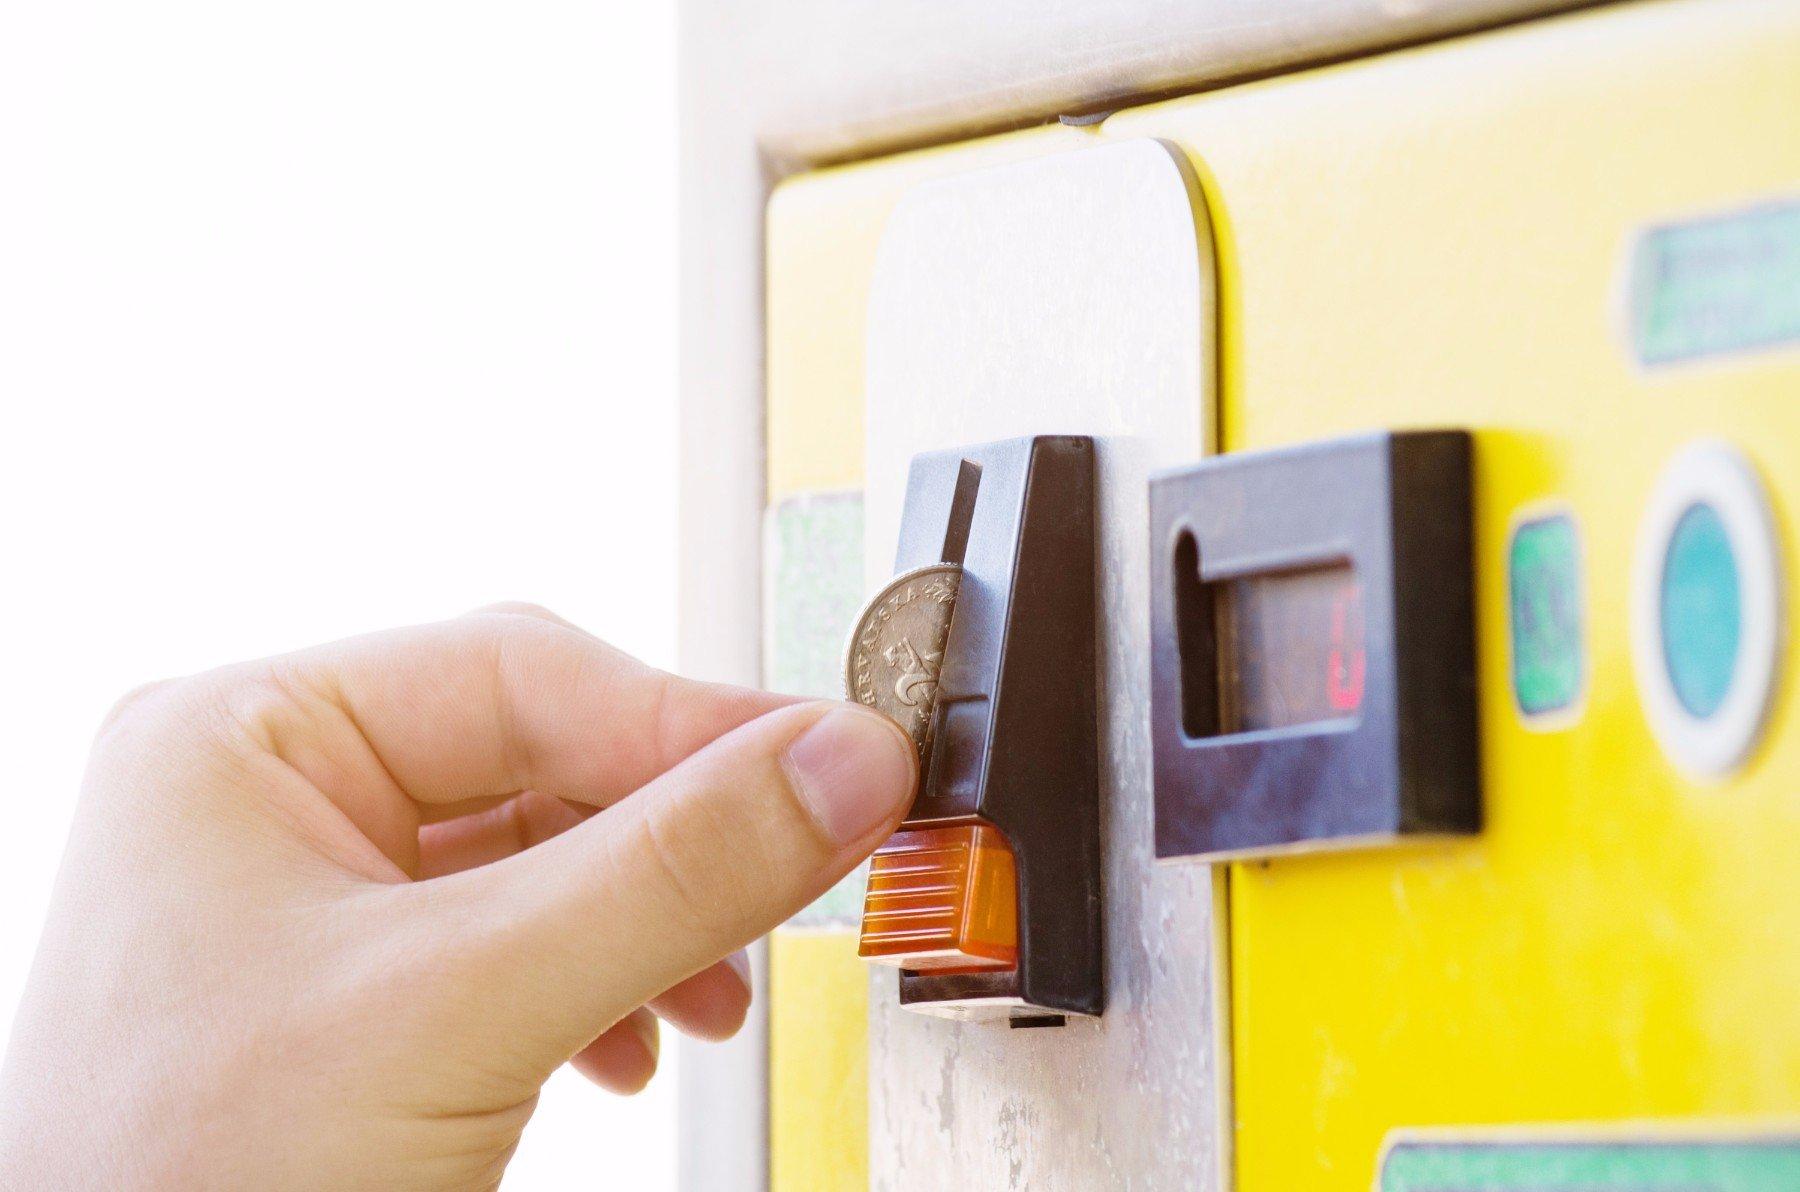 inserimento moneta in distributore automatico